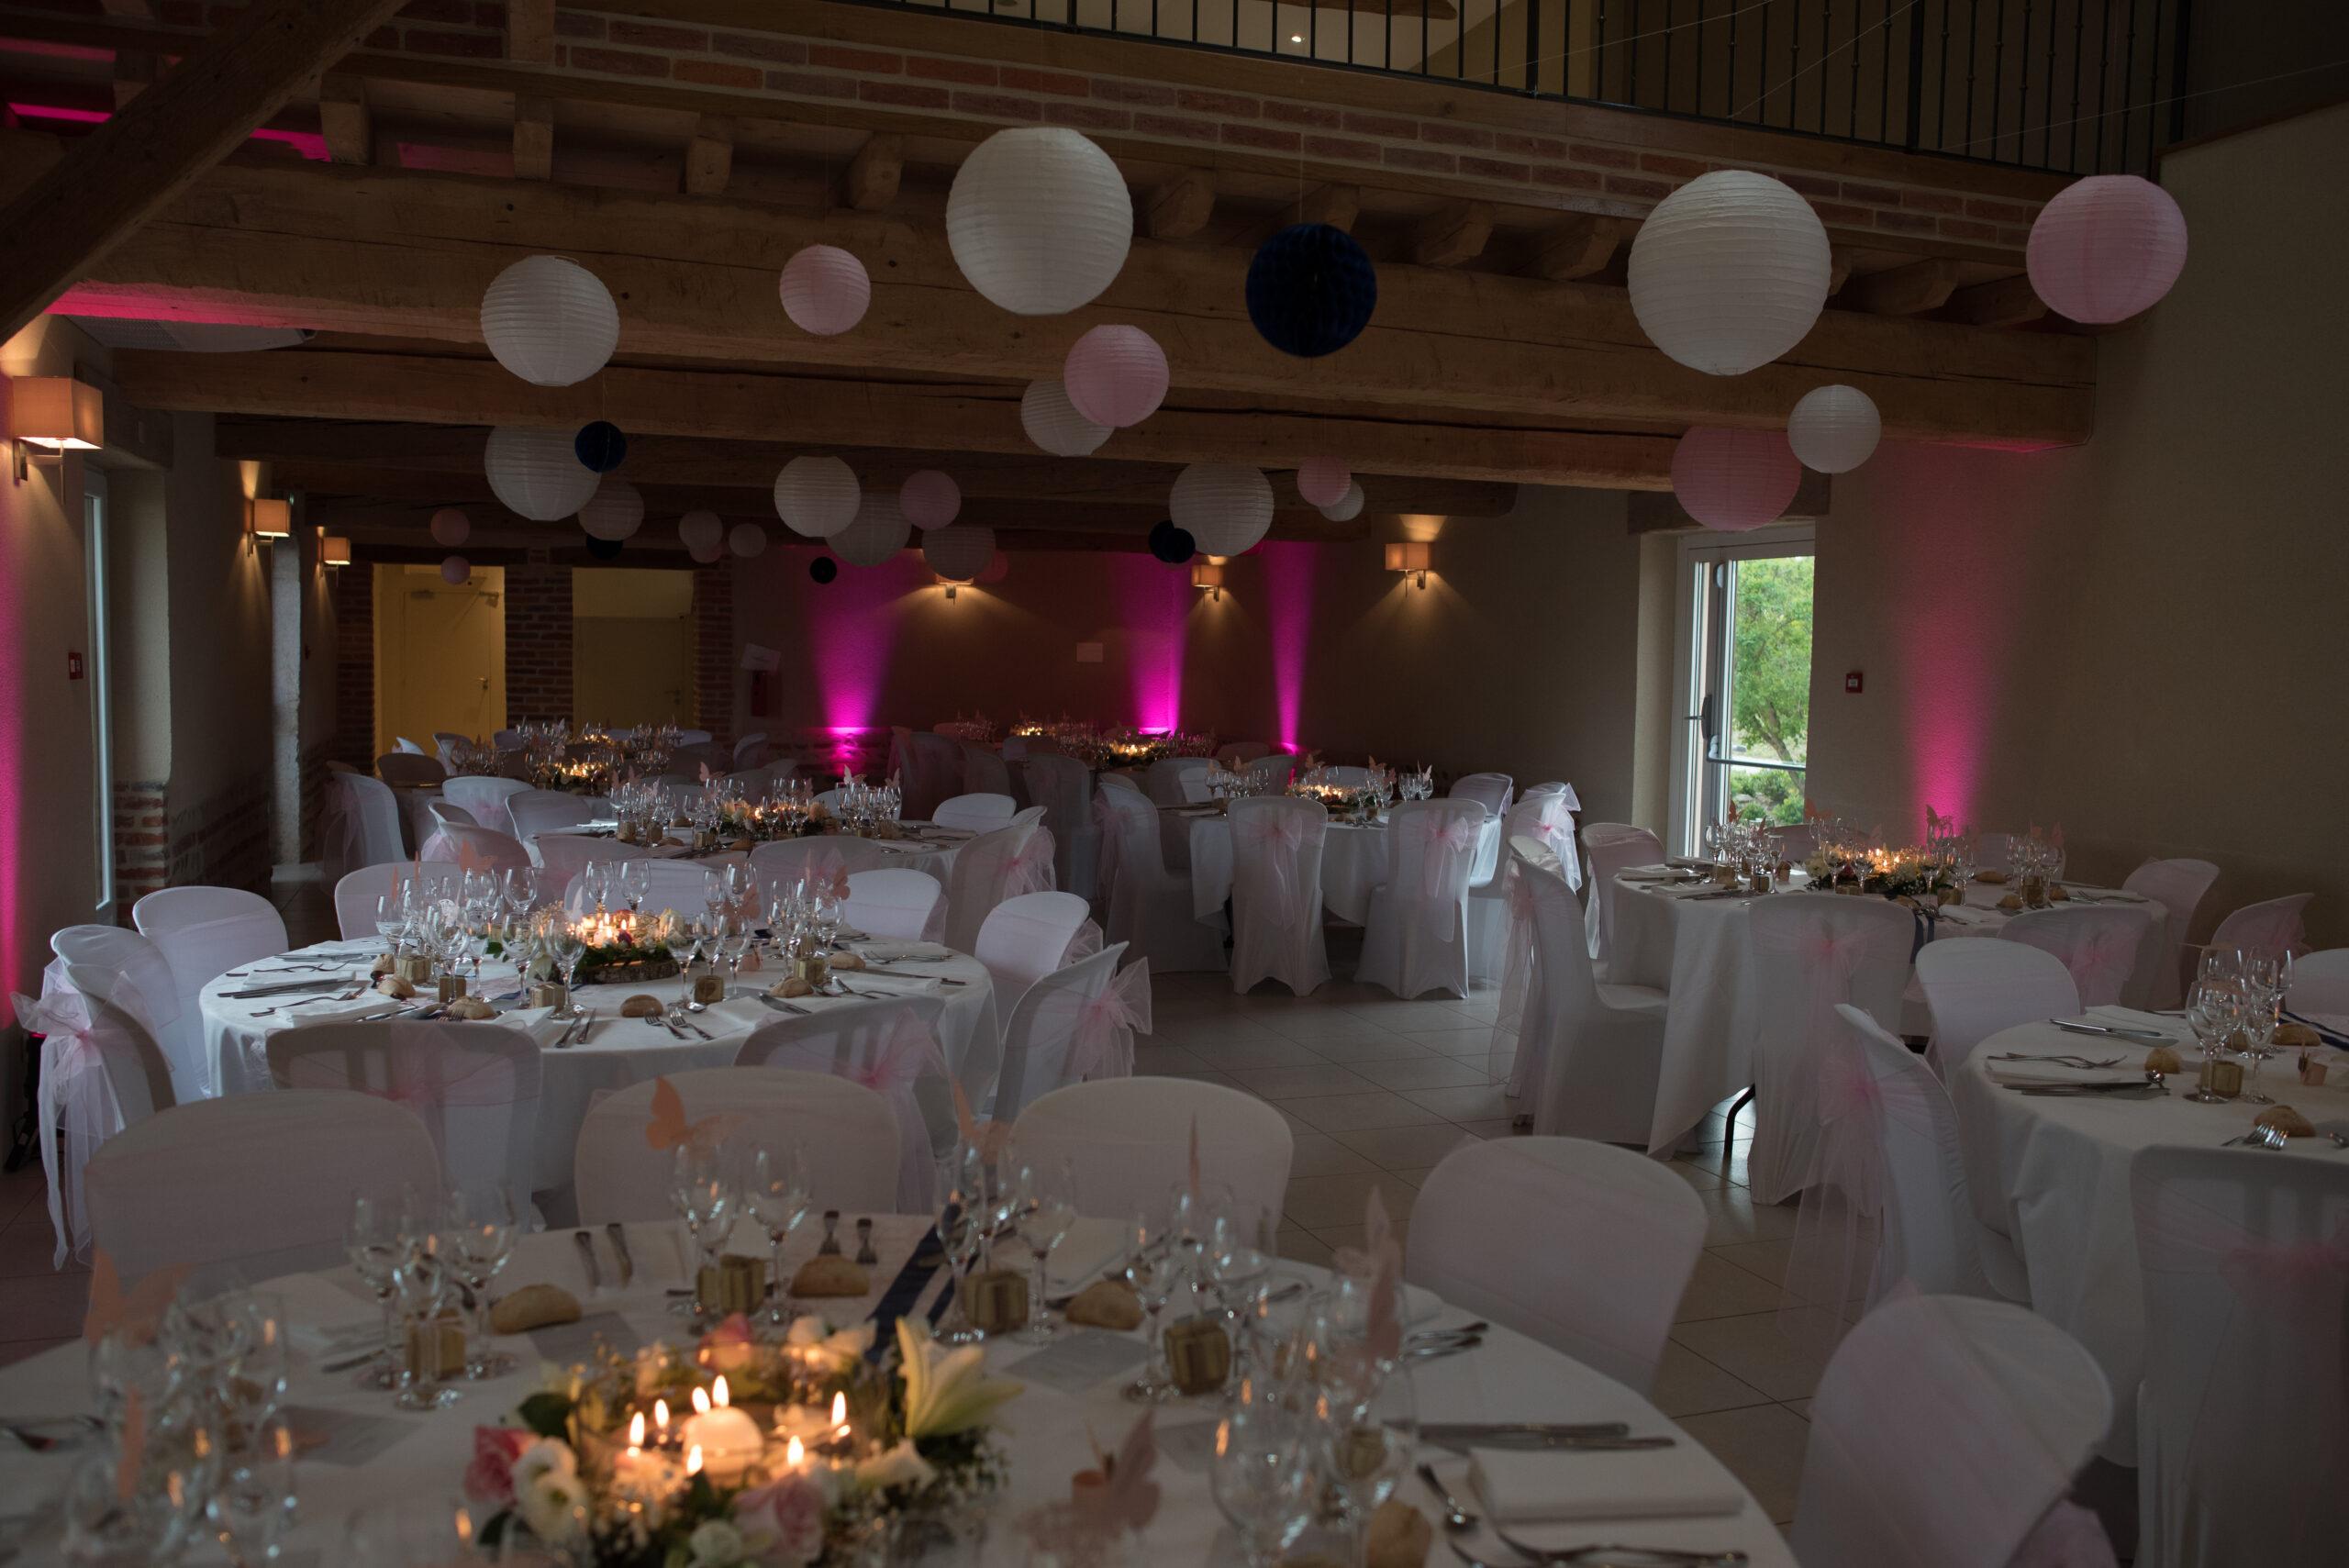 Décoration de salle de réception pour un mariage dans le Beaujolais, près de Lyon par Art Song Production